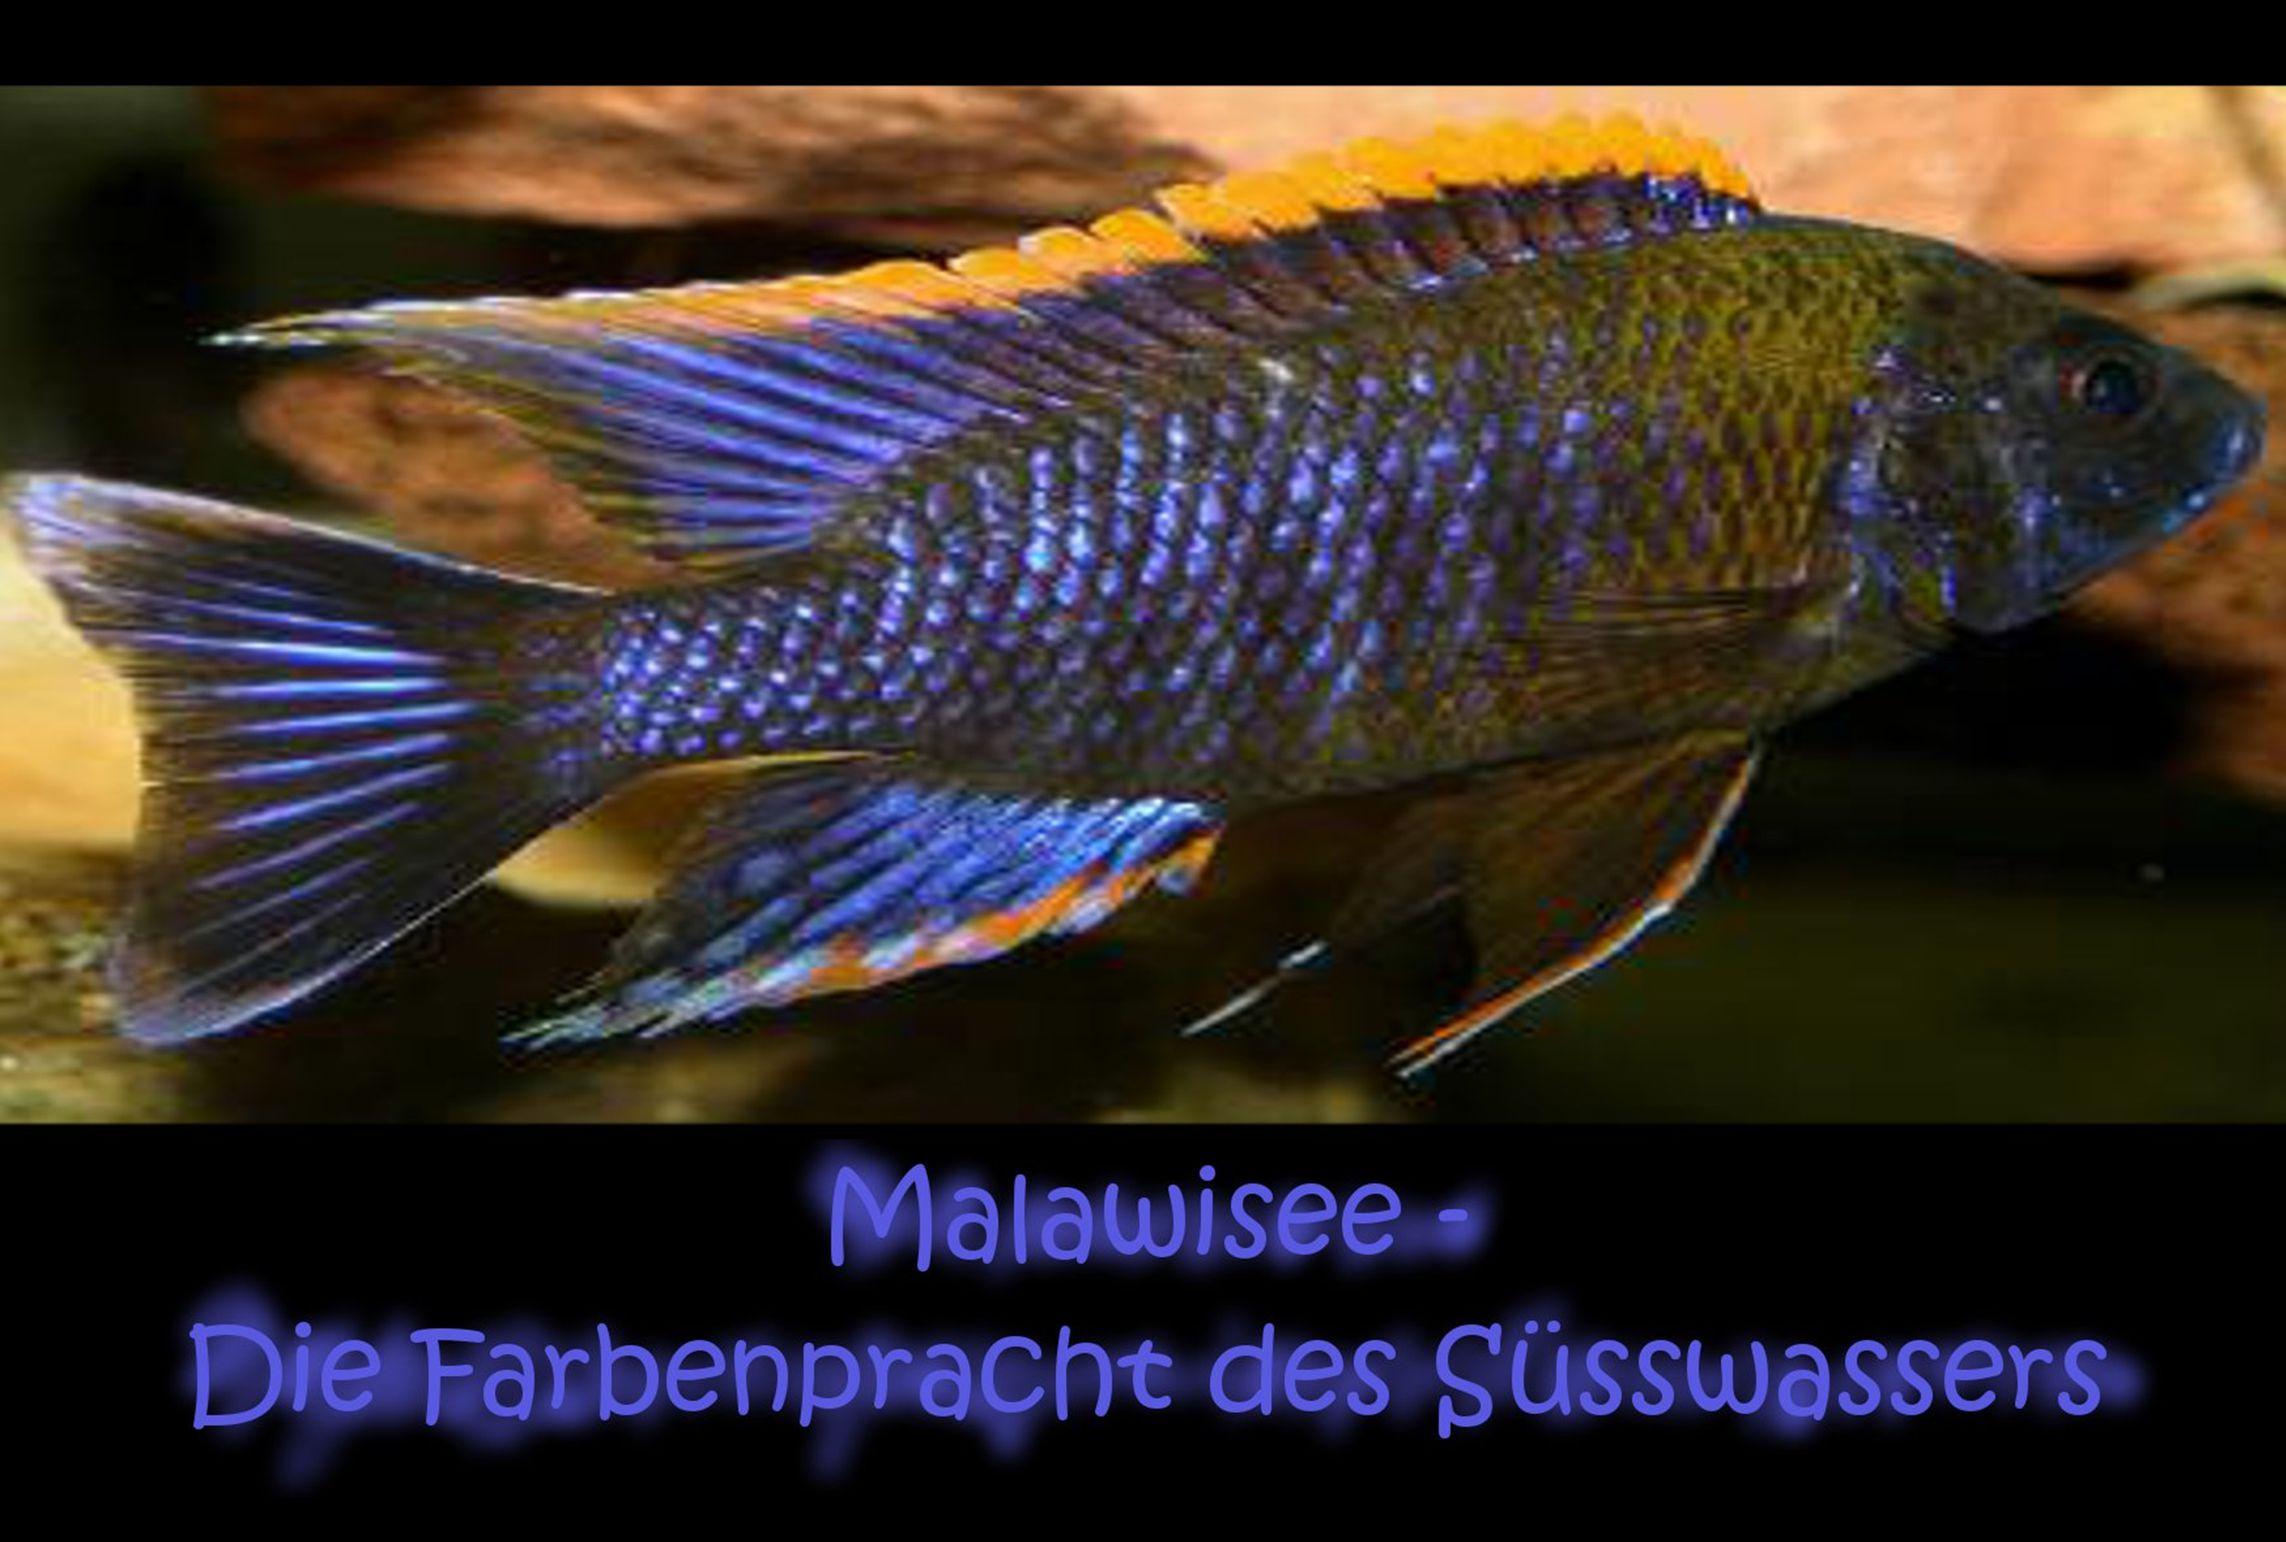 Der Malawisee ist mit einer Fläche von 28480 der 11 größte See der Erde.